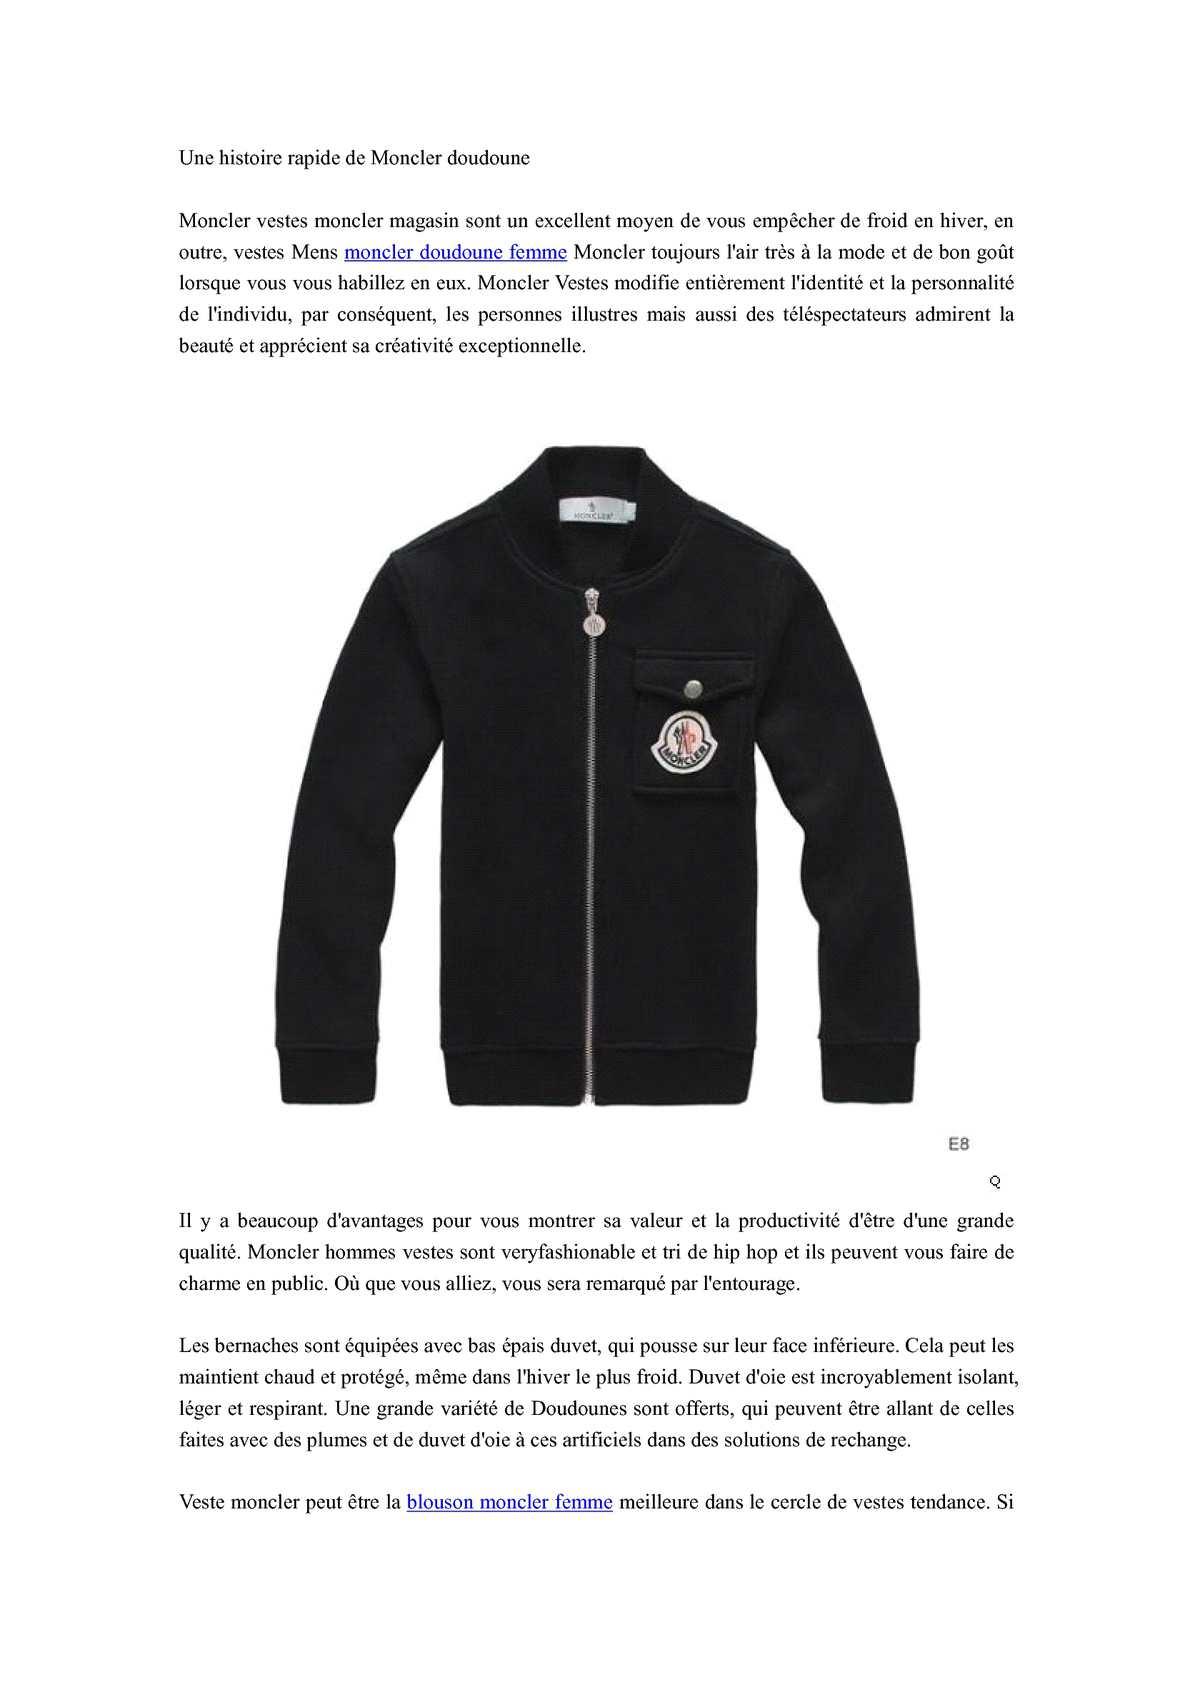 Moncler Doudoune Une De Histoire Calaméo Rapide 0nBvfXSBqW